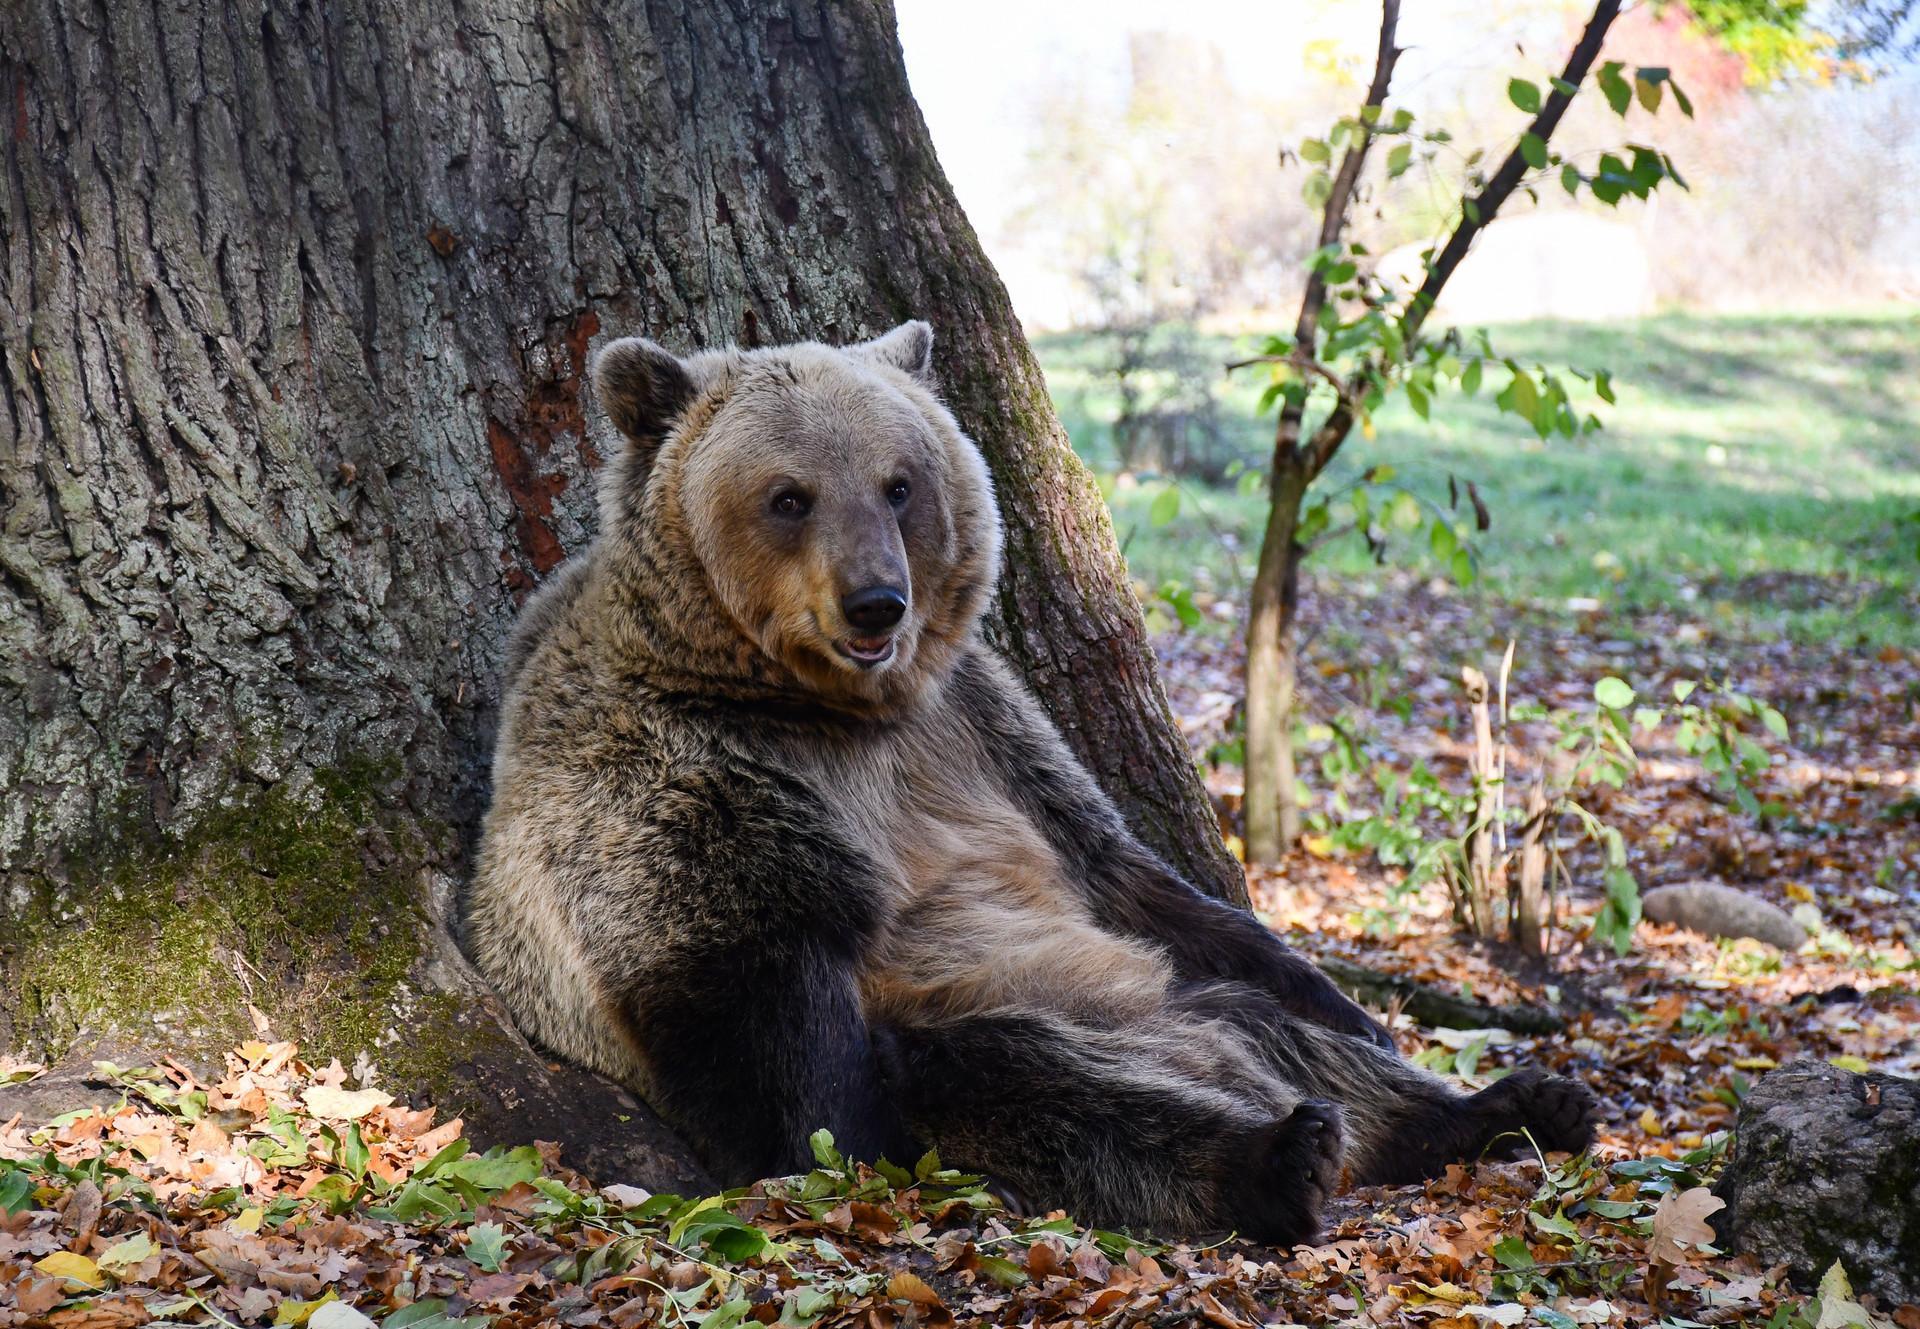 Bär sitzt entspannt an einem Baum